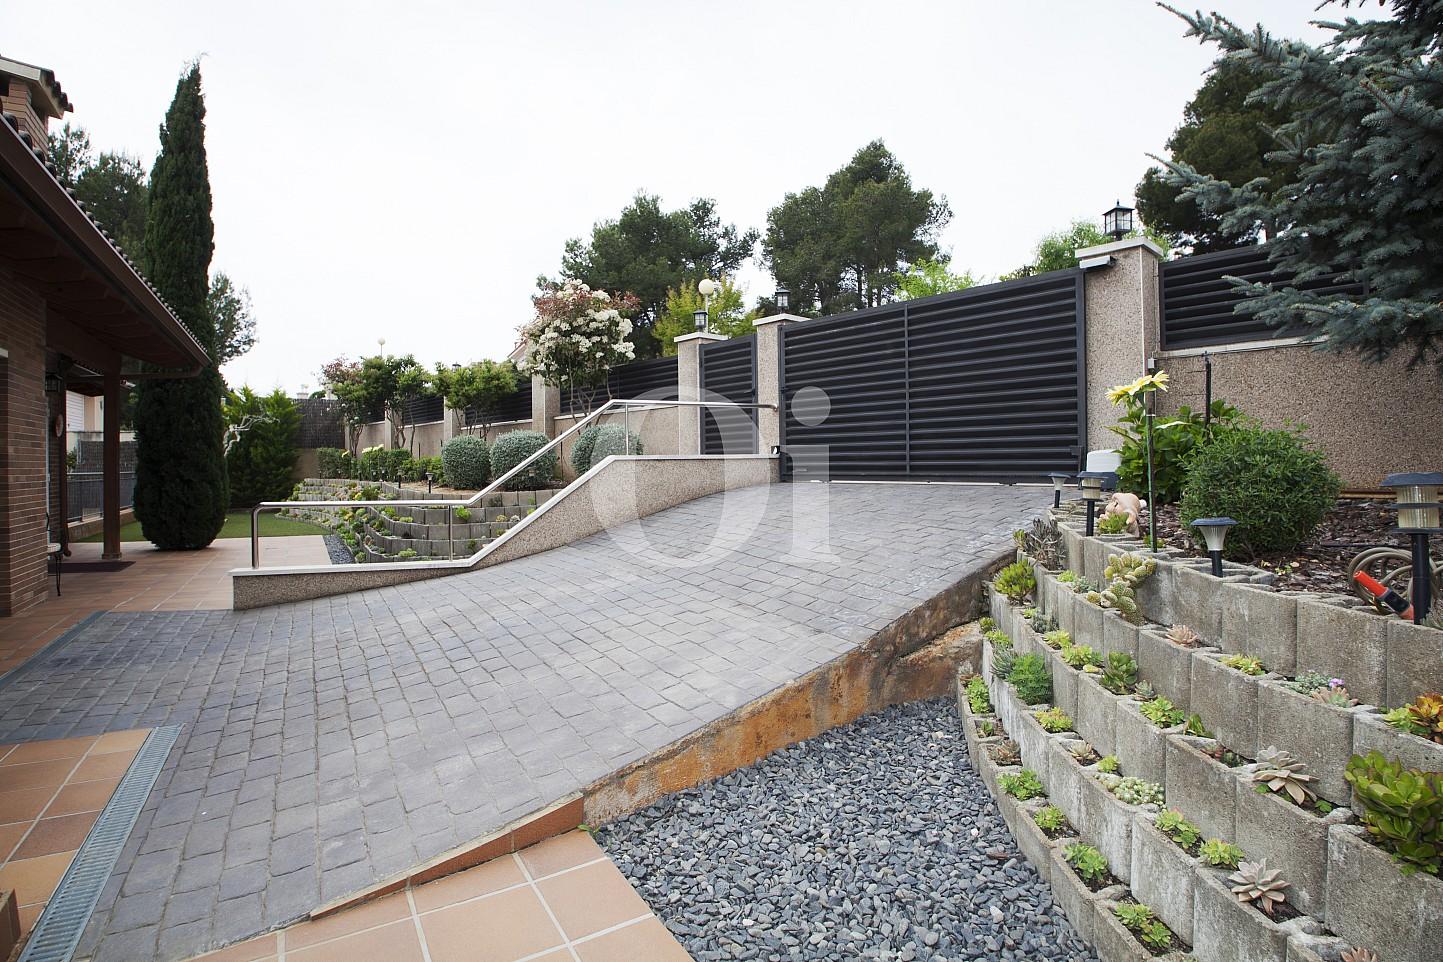 Blick auf die Einfahrt vom Haus zum Verkauf, Segur de Calafell